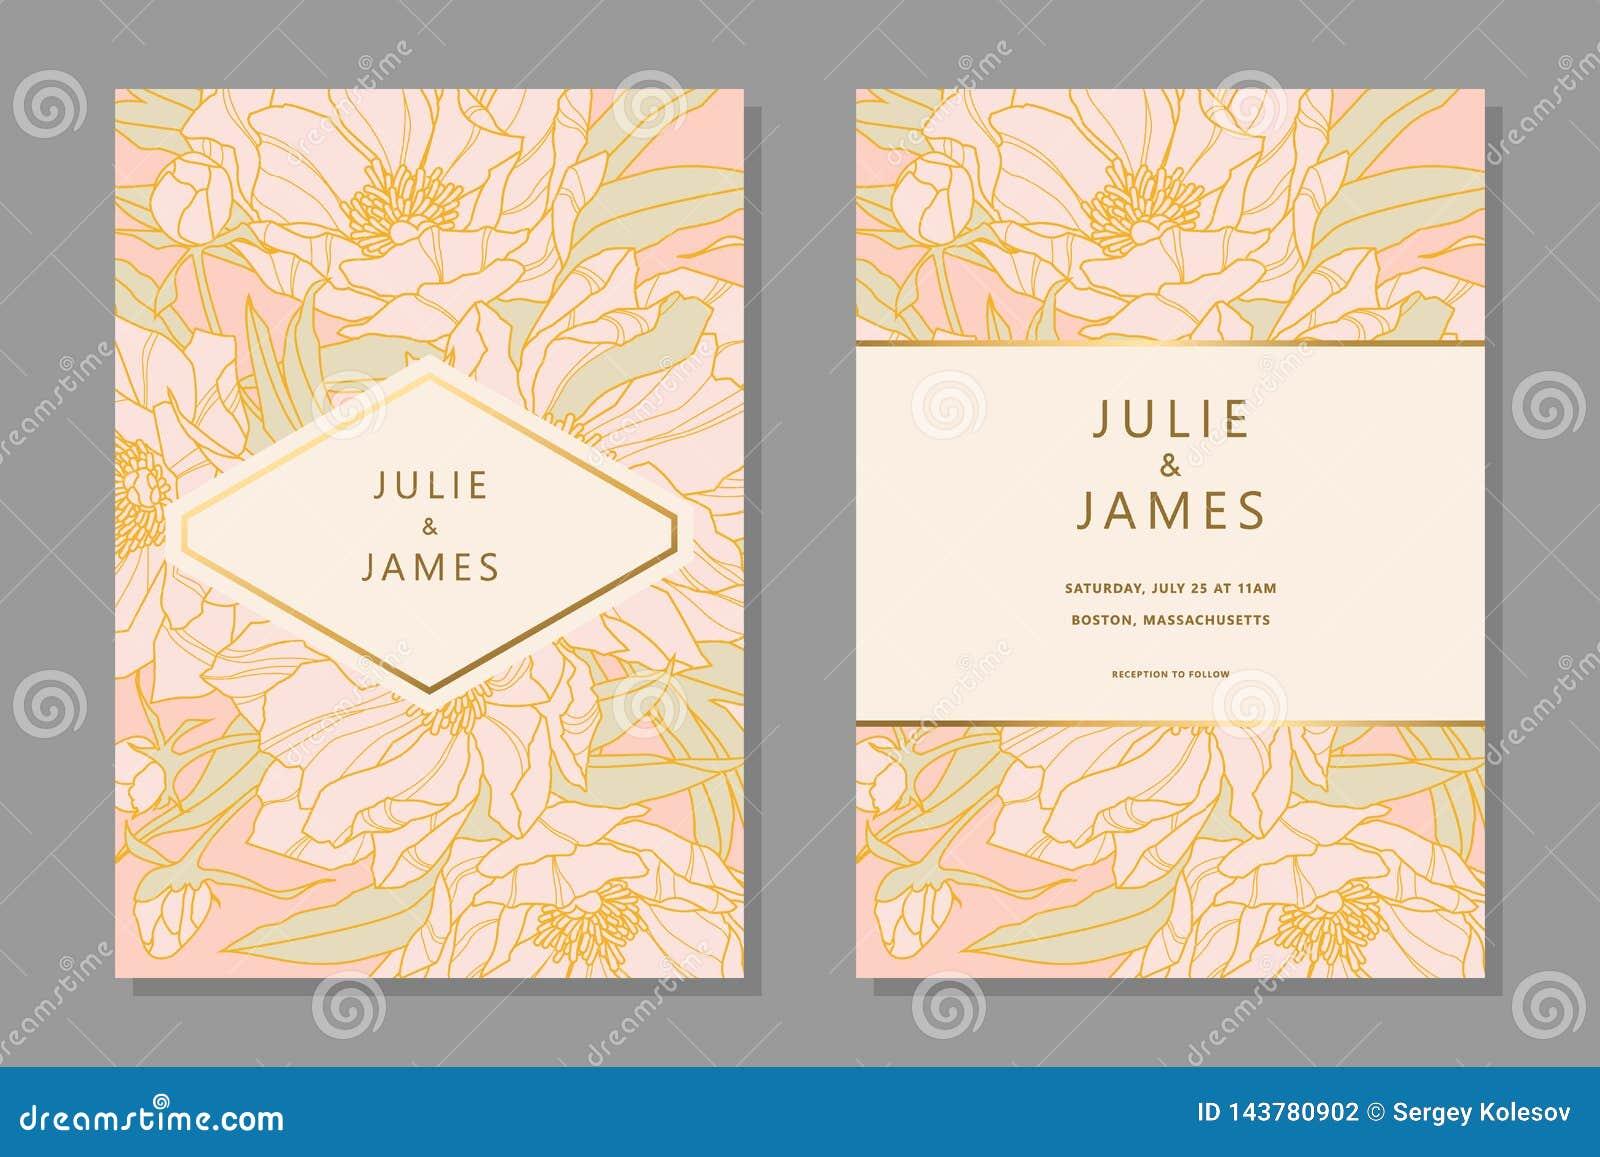 Vintage Wedding Invitation set